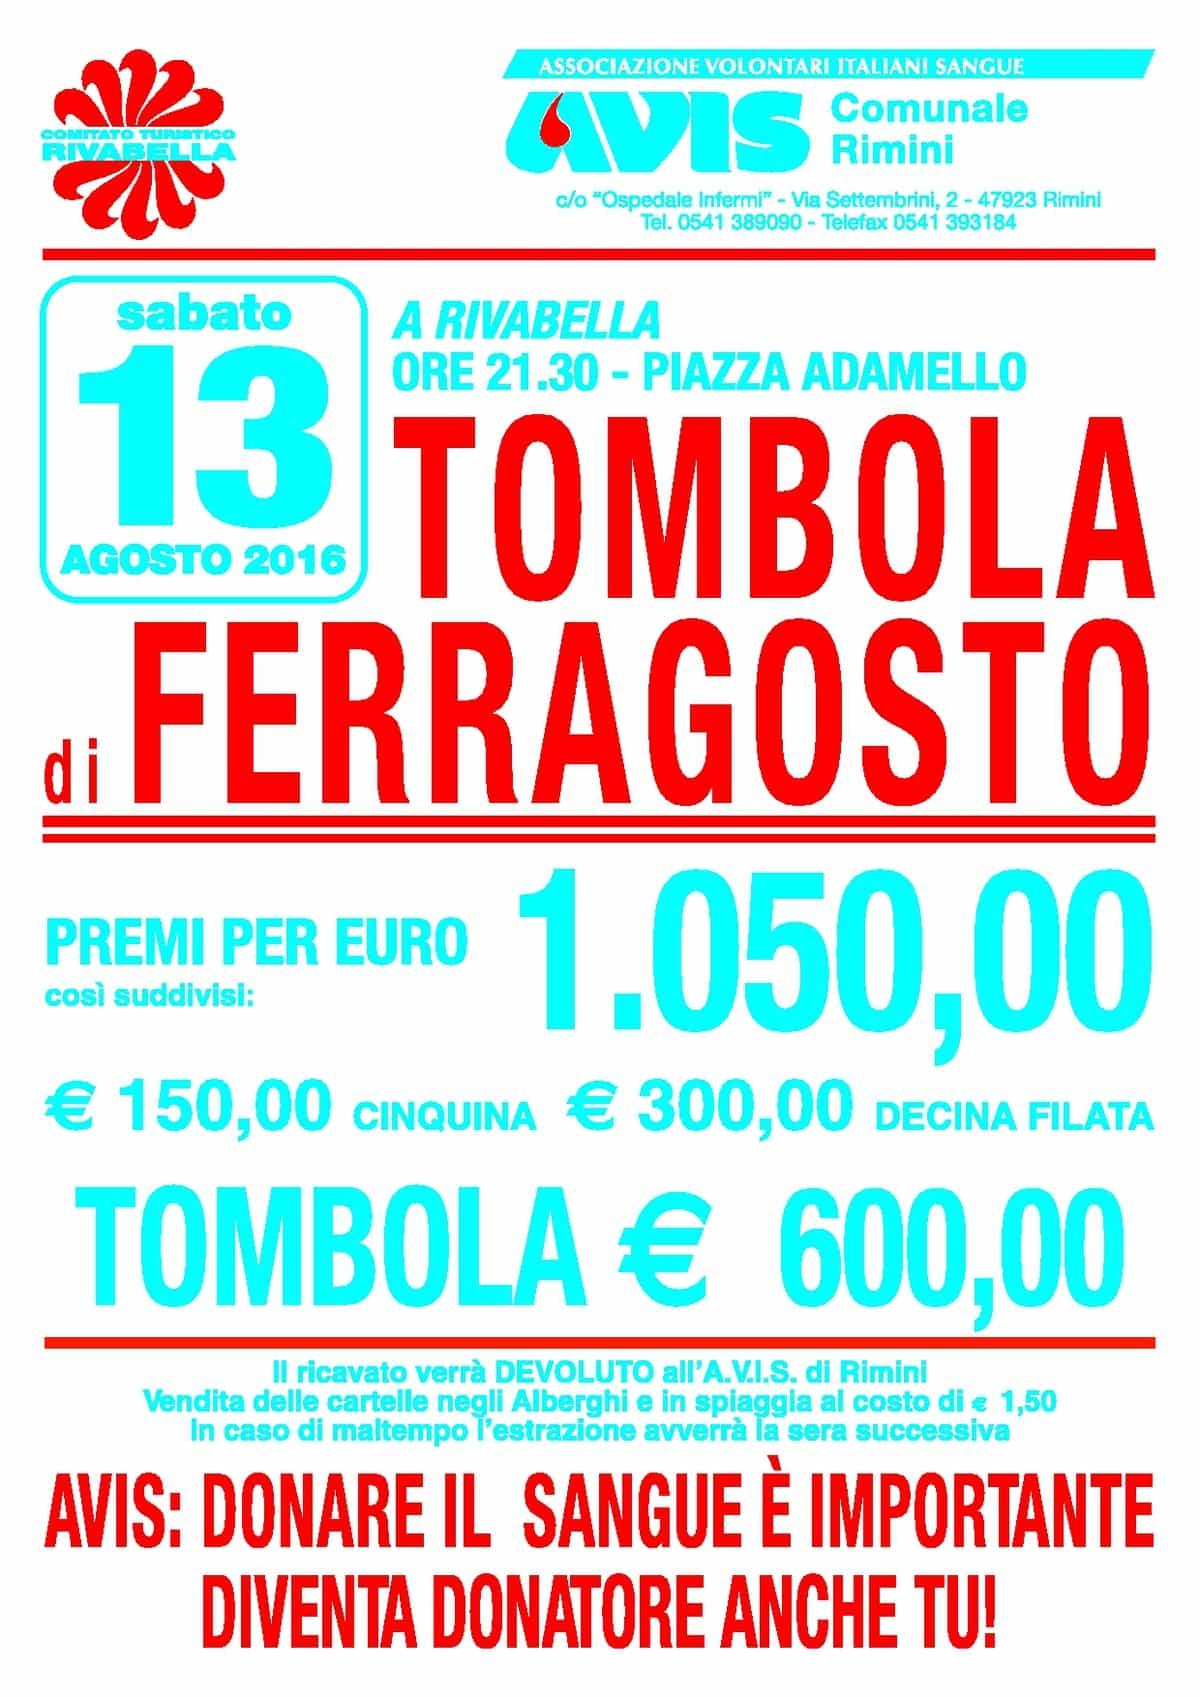 Tombola di Ferragosto con Avis Rimini @ Rivabella di Rimini | Rimini | Emilia-Romagna | Italia